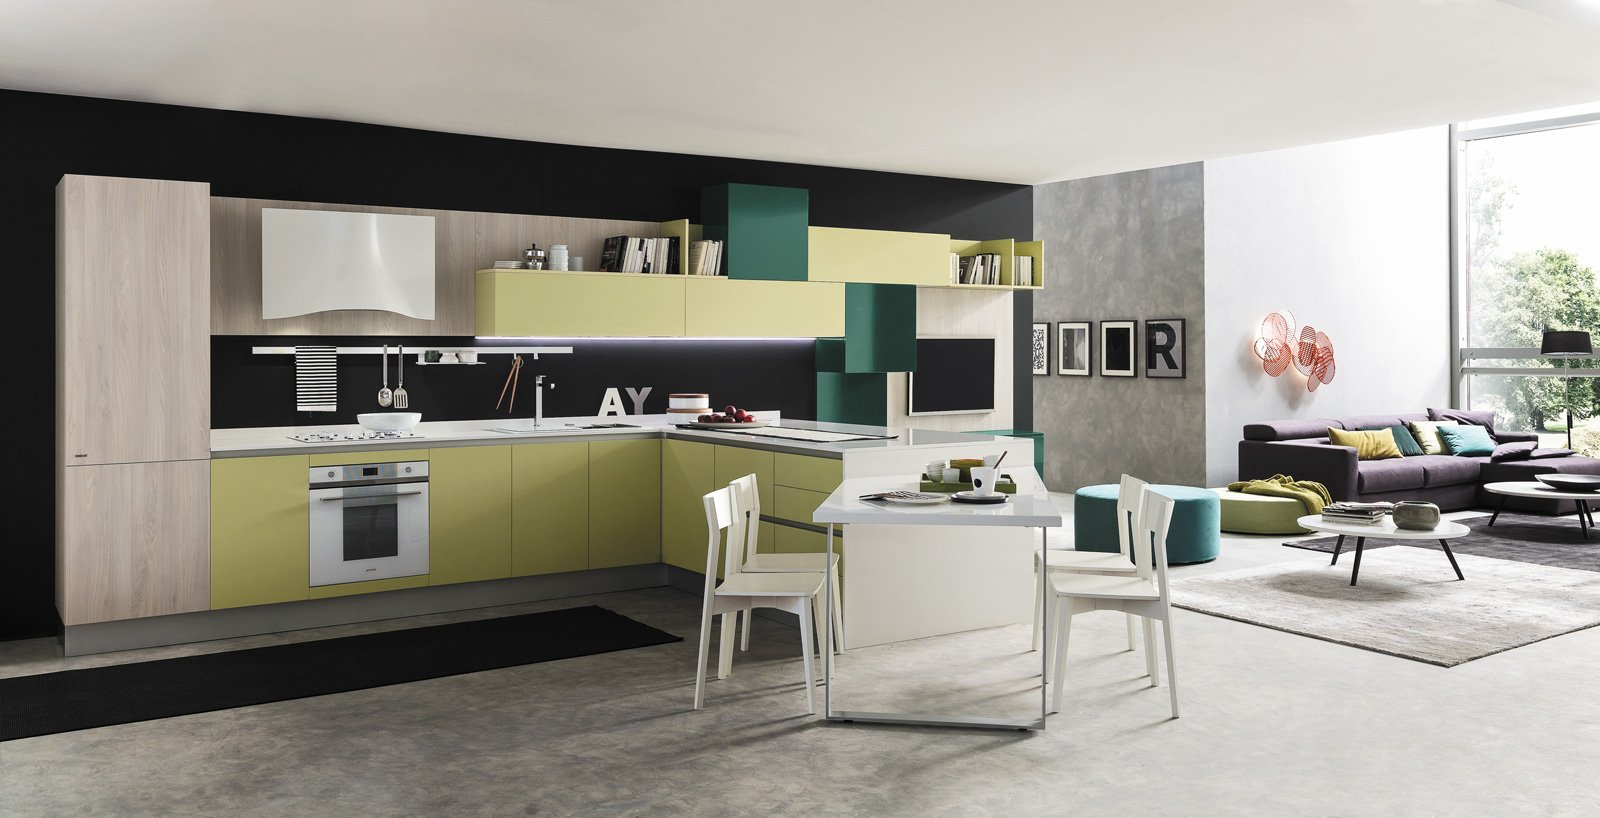 Cucine in colori ed essenze soft cose di casa for Cucina moderna usata roma